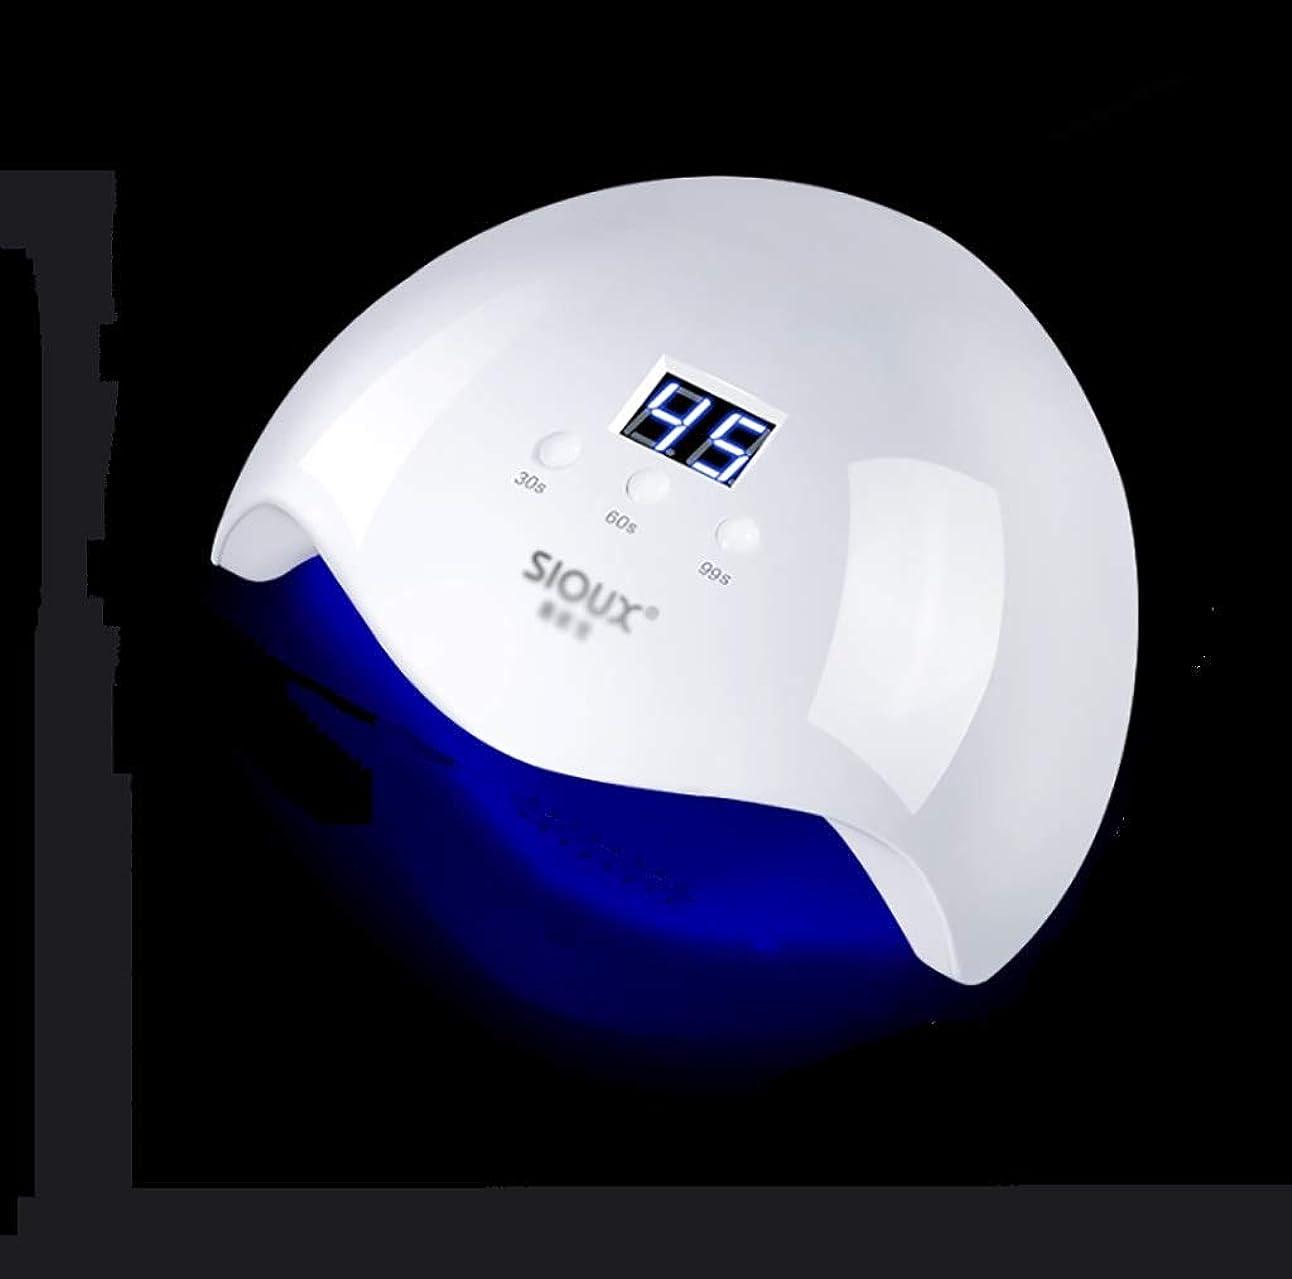 さびたふざけた里親ネイル光線療法機械36Wスマート誘導は手乾燥機、10秒/ 30秒/ 60秒/ 99秒タイマー設定を傷つけません (色 : B)